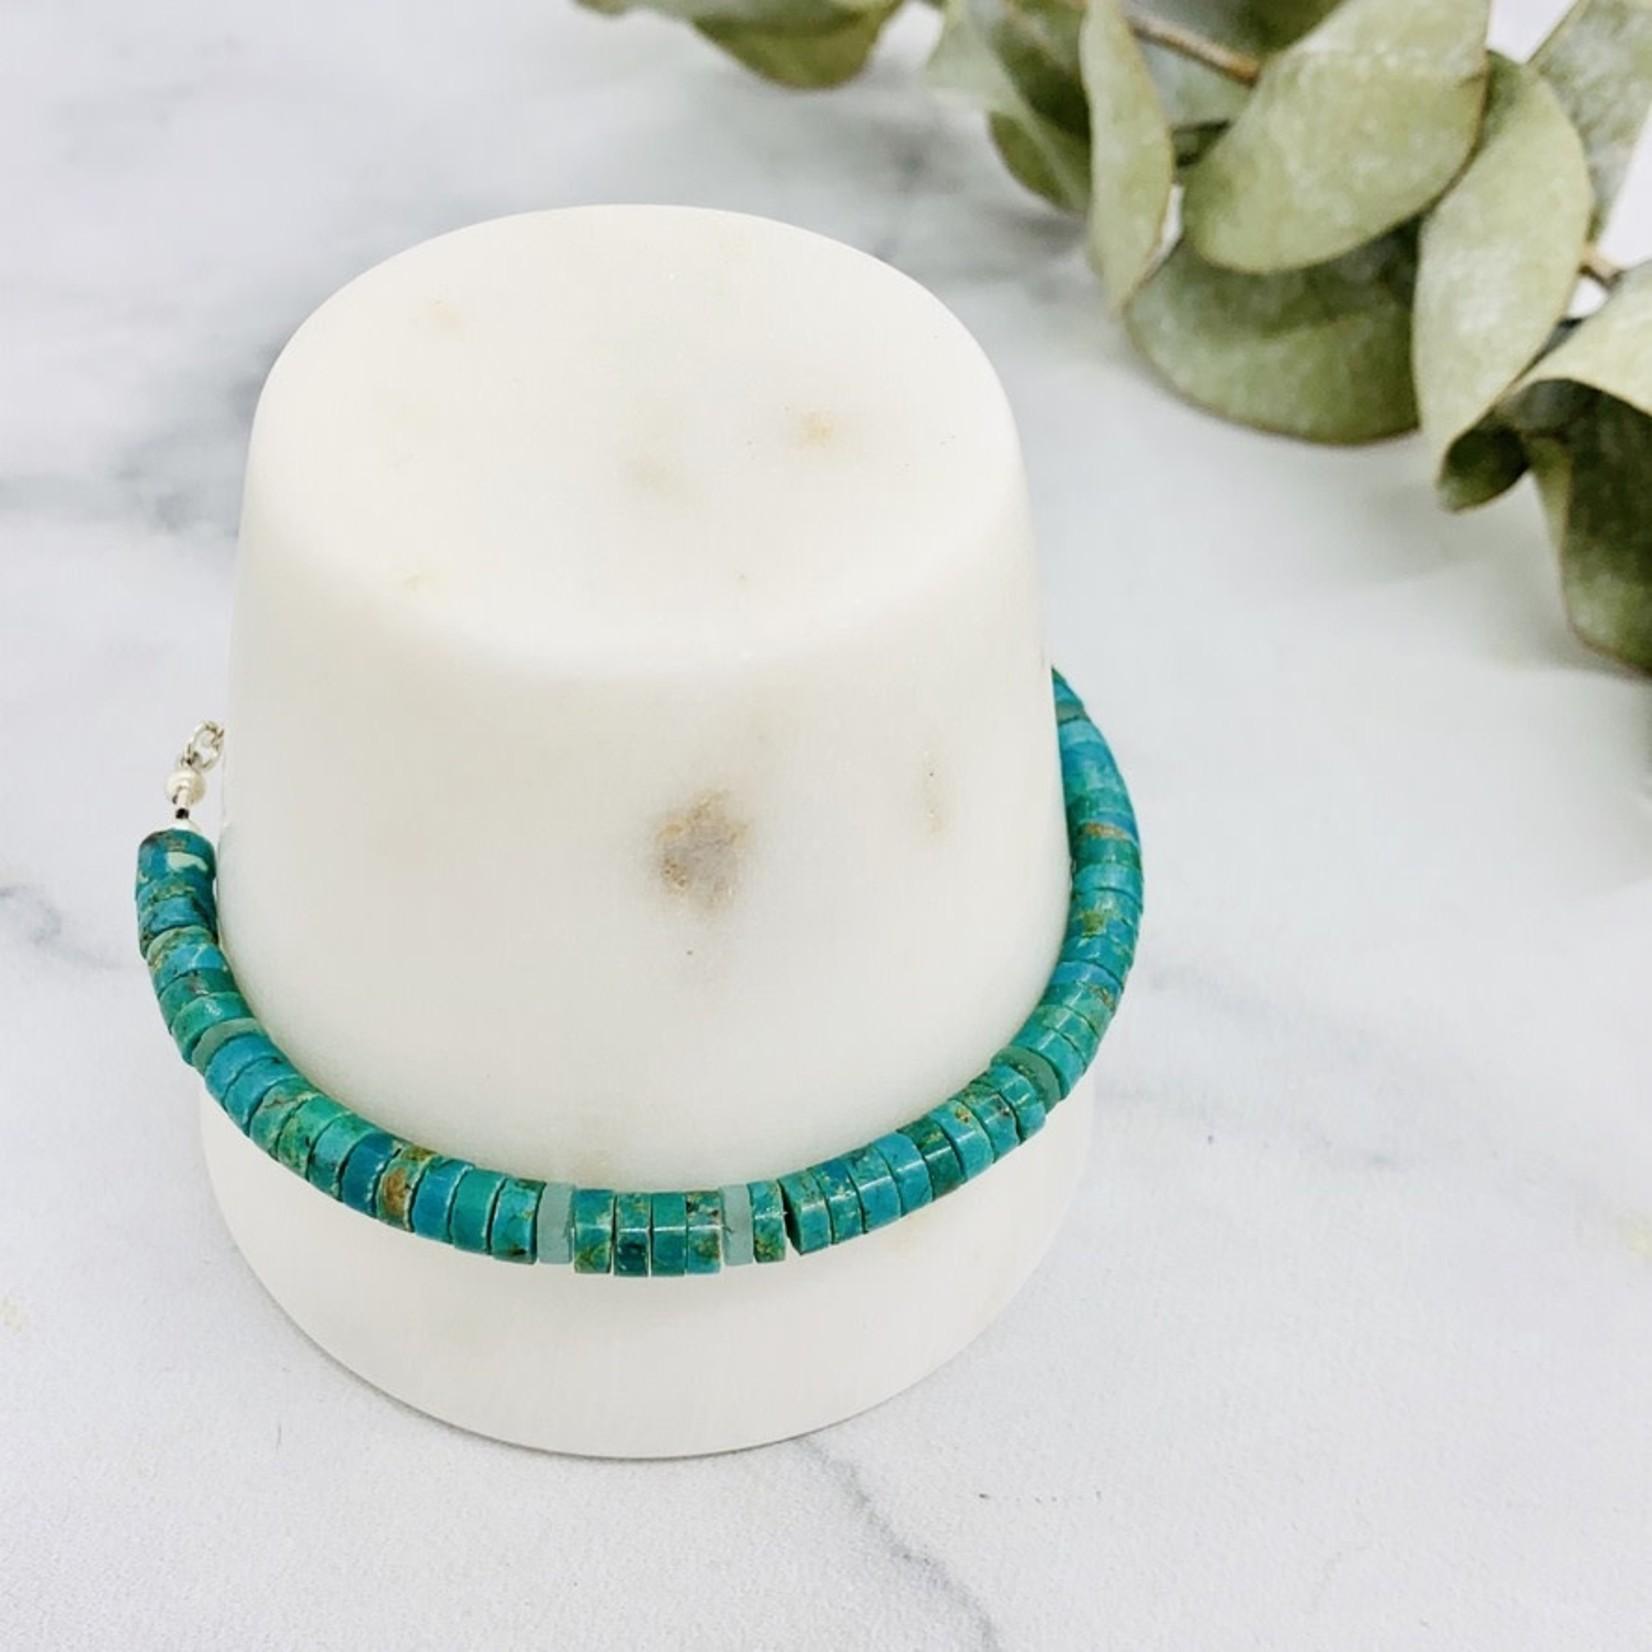 Handmade bracelet with turquoise, roman sea glass discs